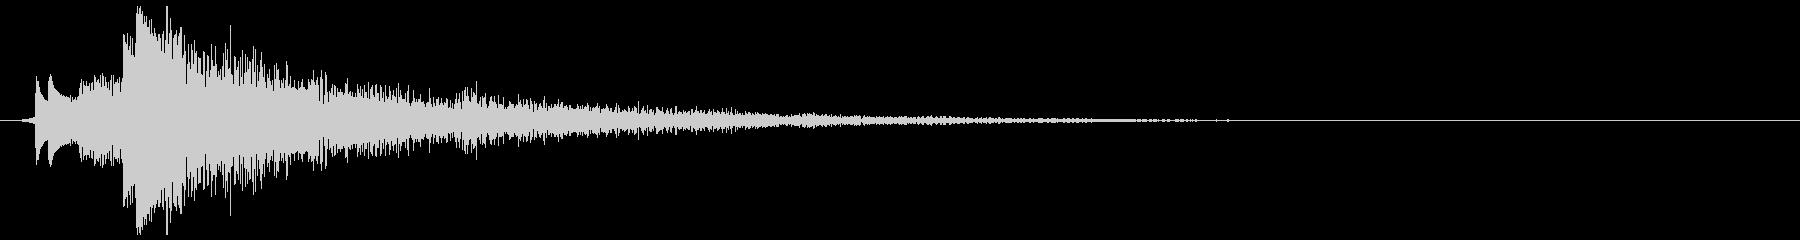 サスペンス 演出 1の未再生の波形